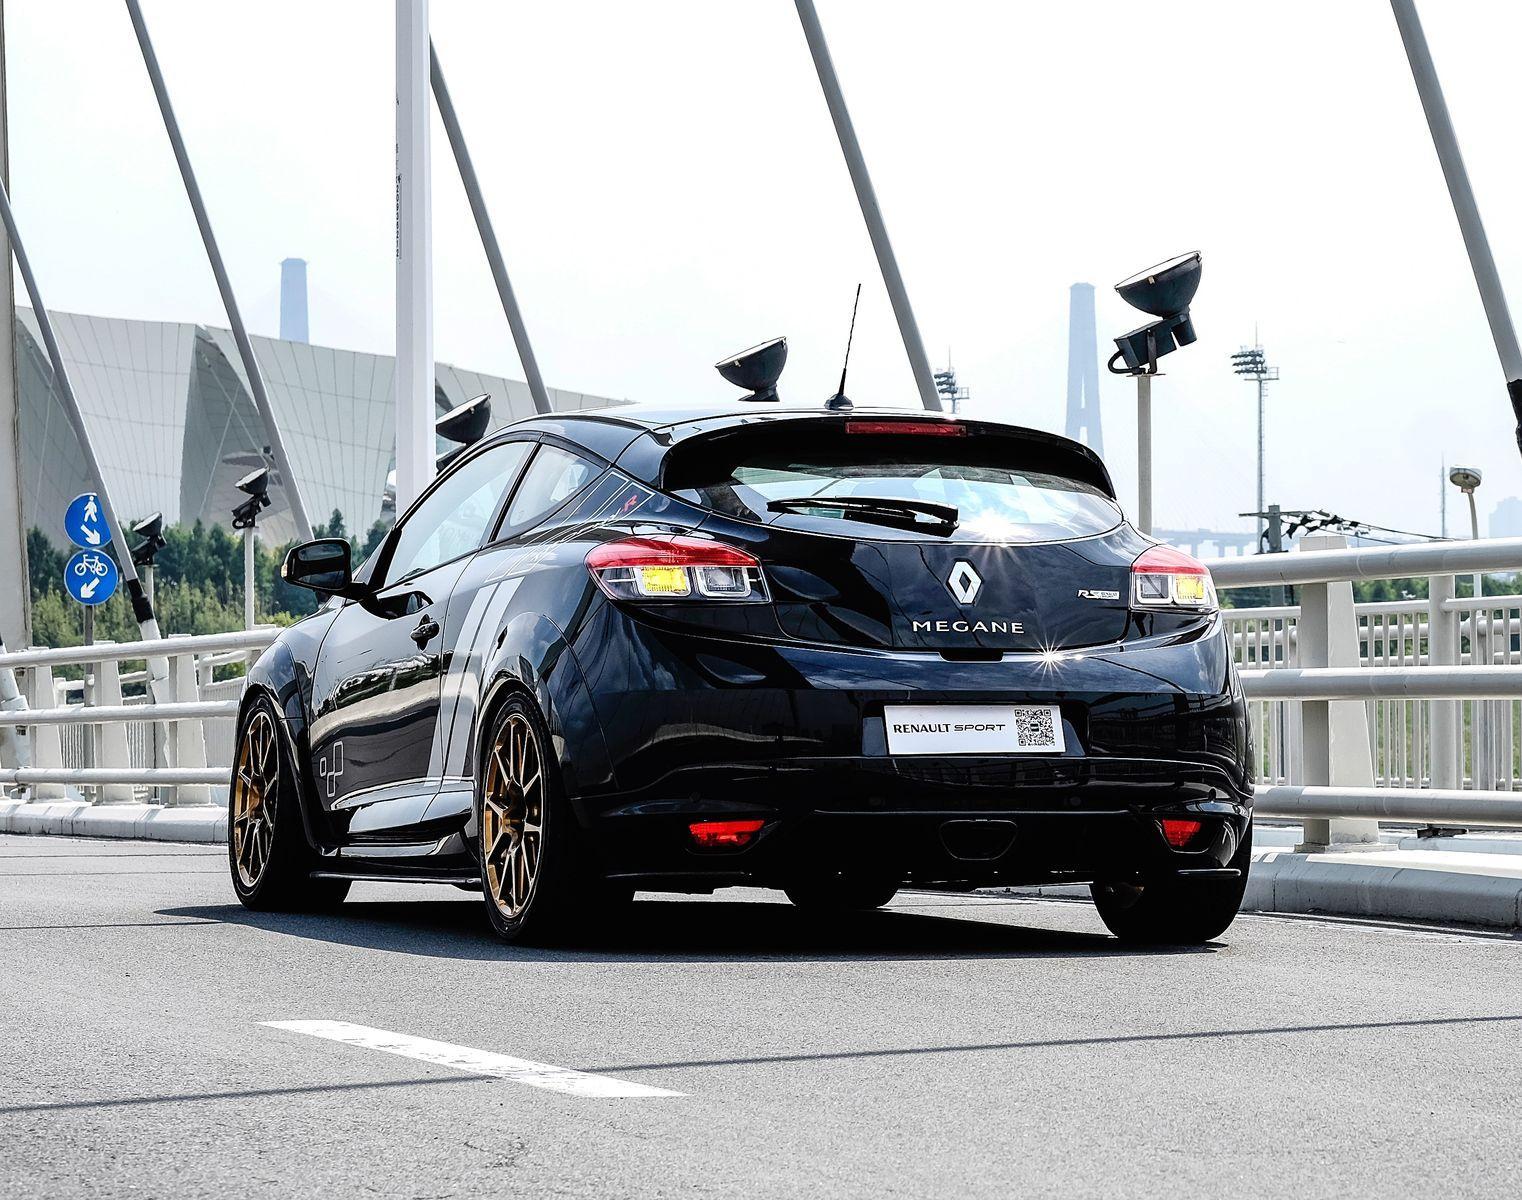 2015 Renault Megane | Renault Megane RS Trophy R on Forgeline GS1R Wheels